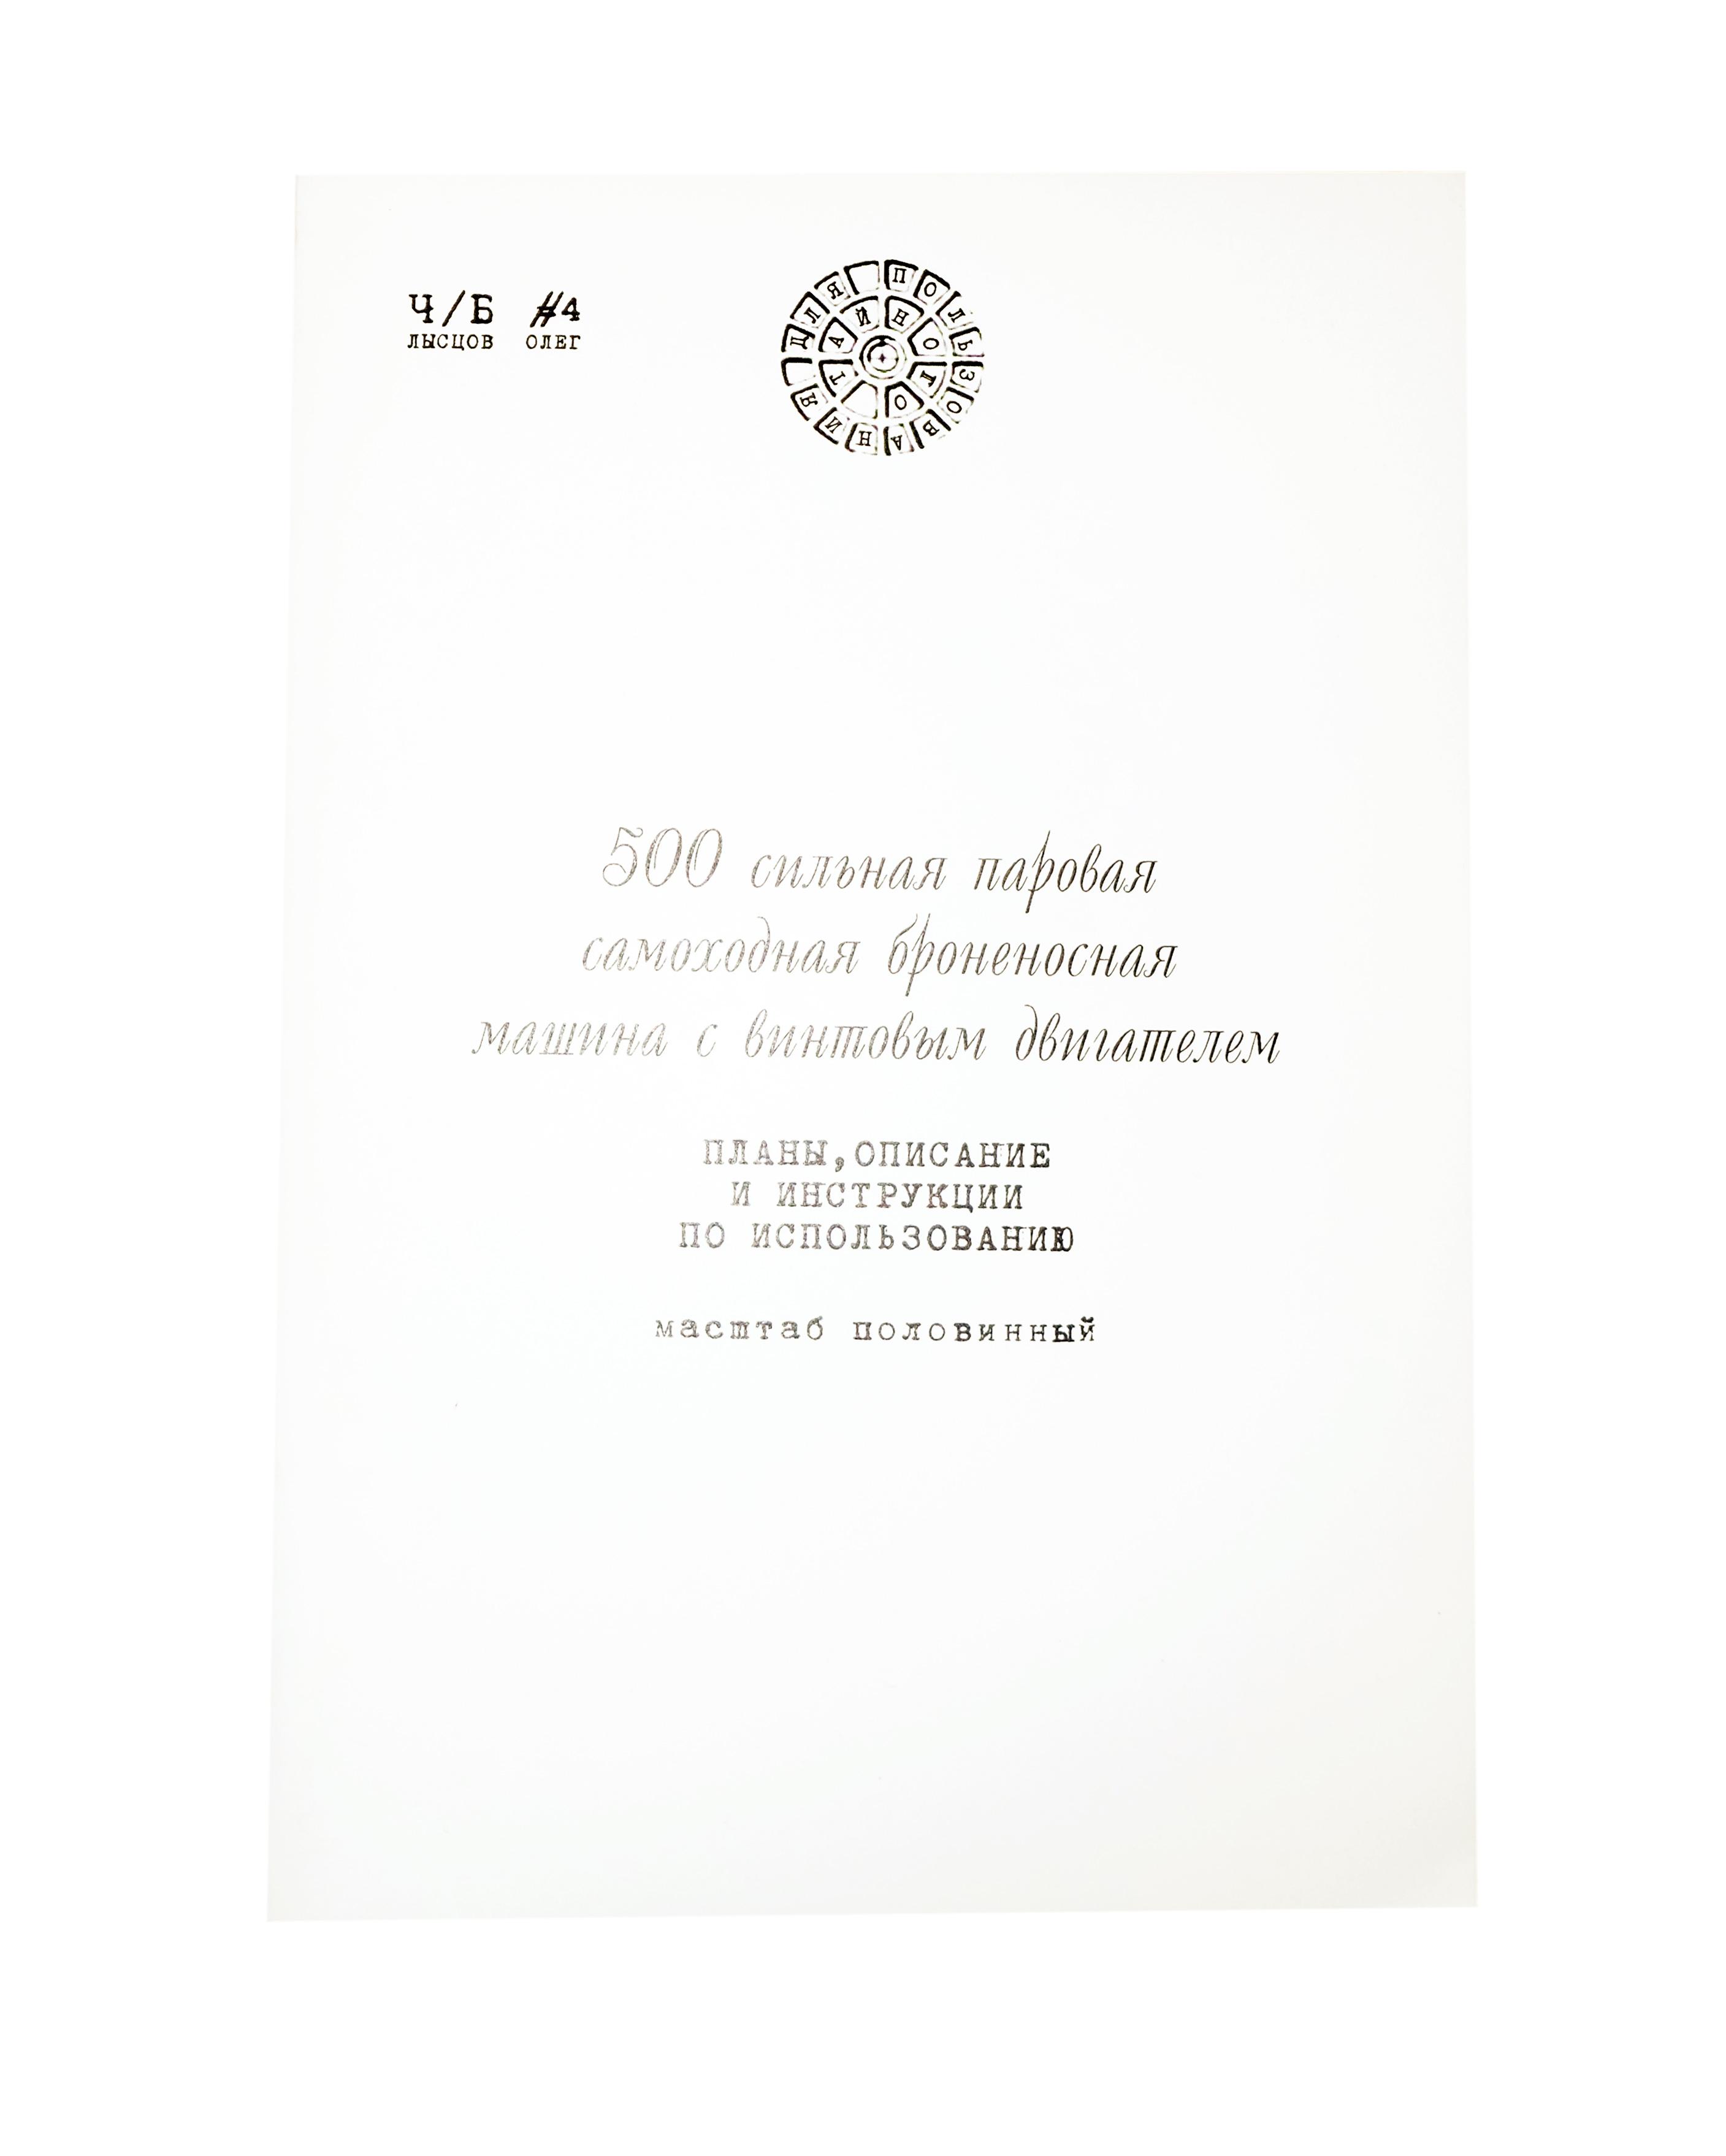 11291.JPG